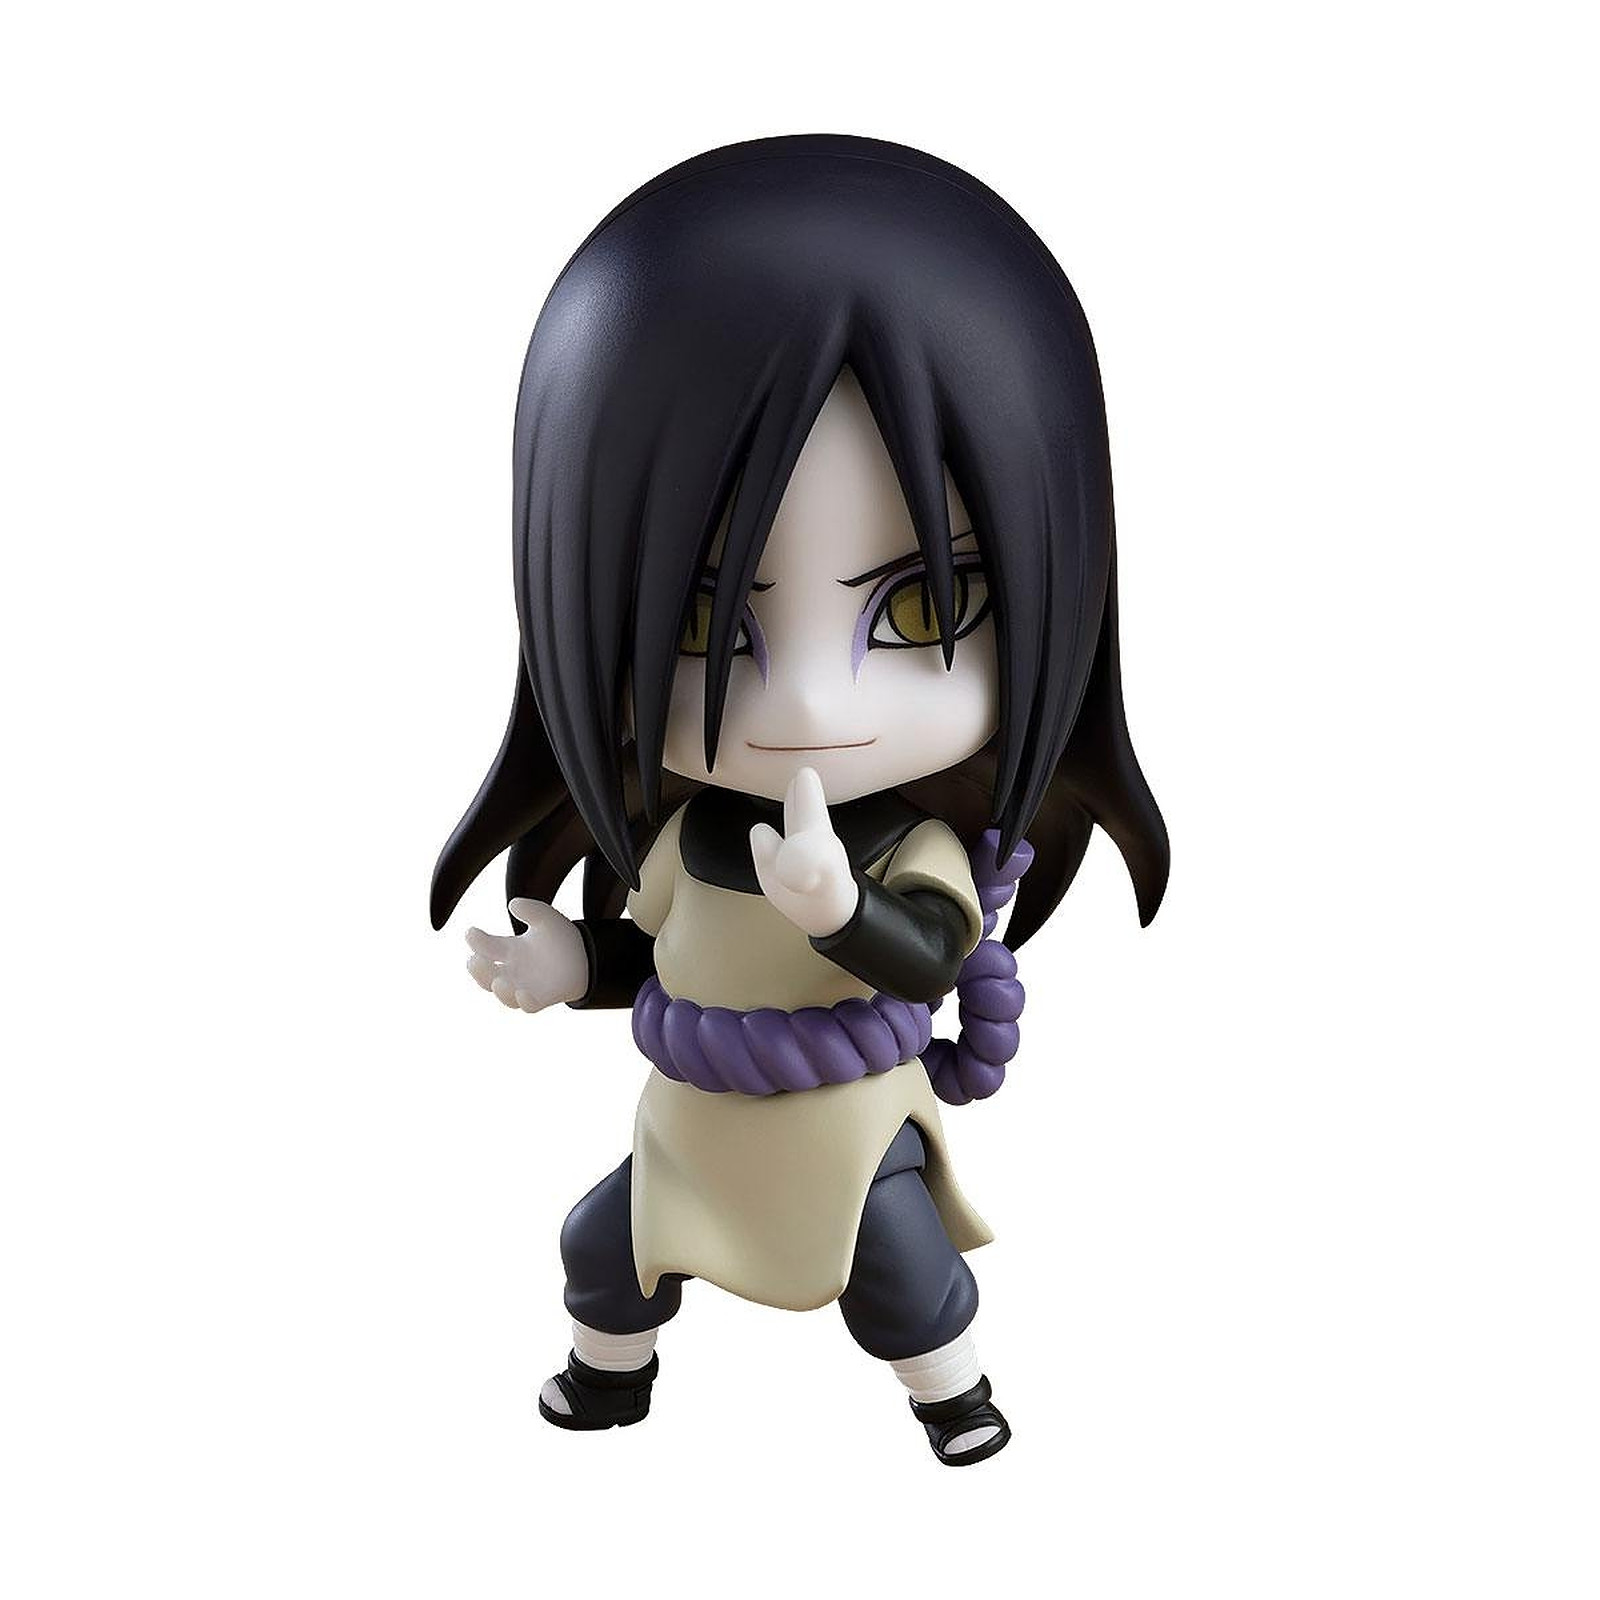 Naruto Shippuden - Figurine Nendoroid Orochimaru 10 cm